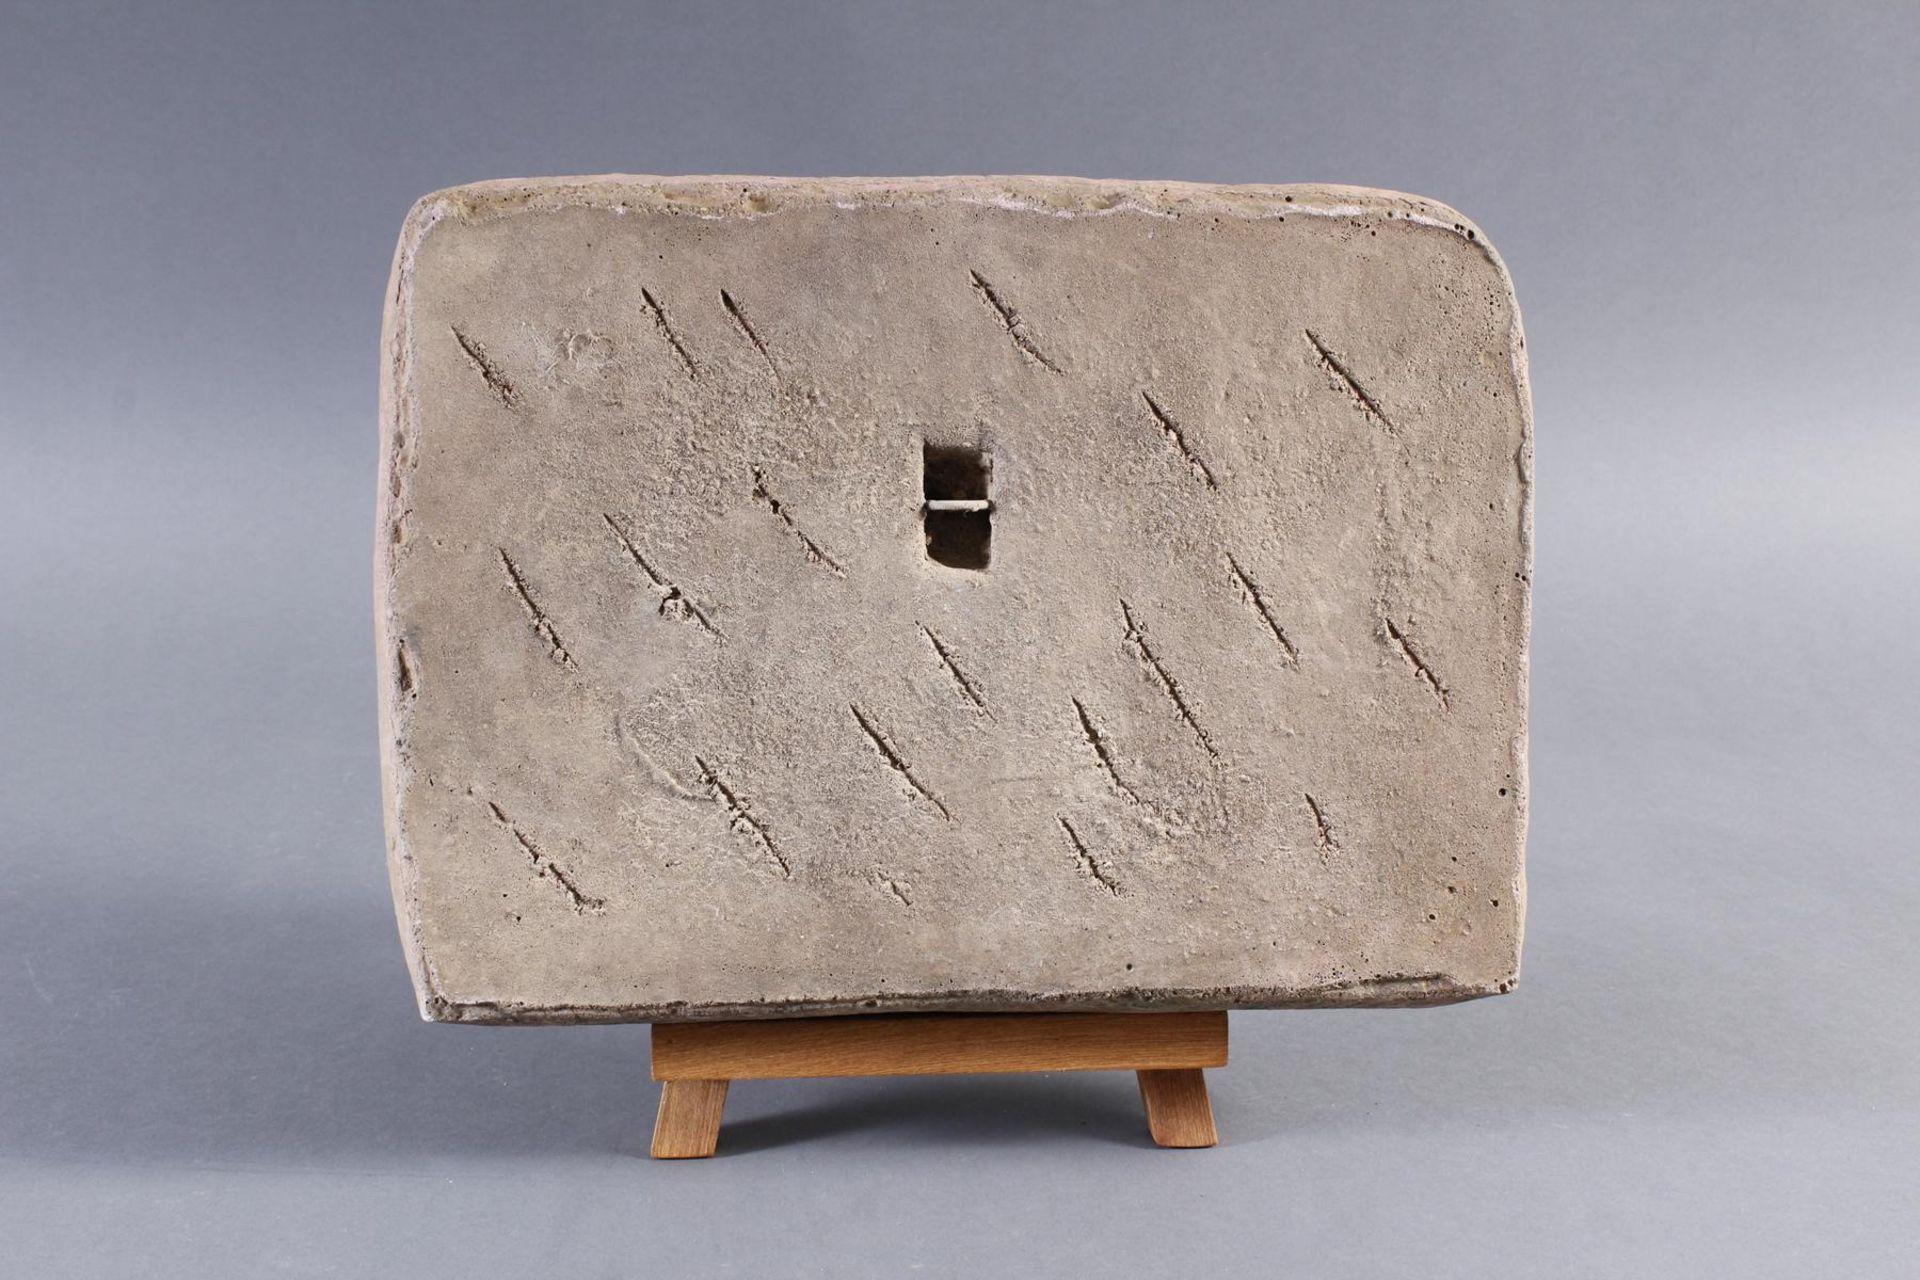 Sandstein Gussrelief - Bild 9 aus 10